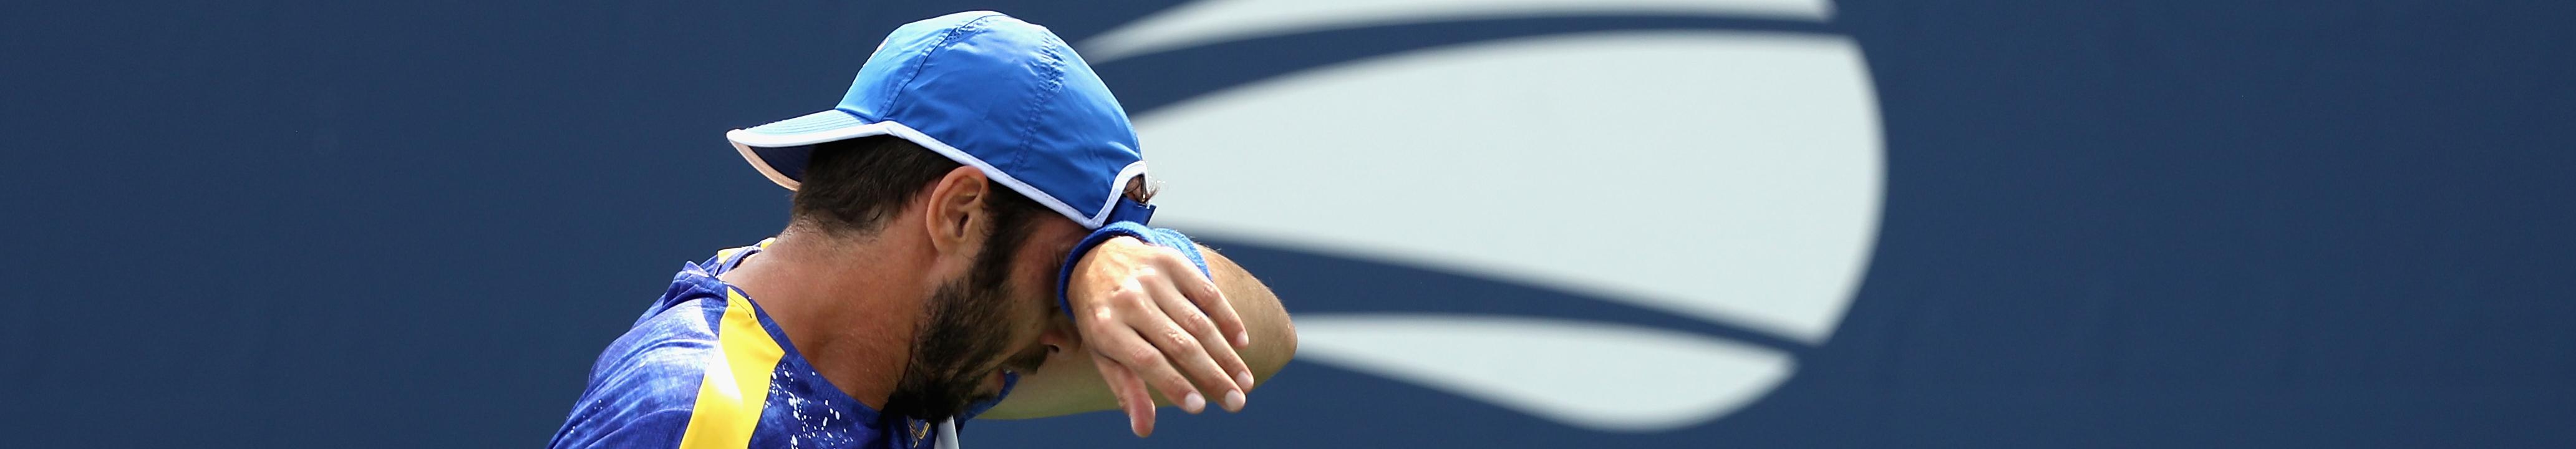 US Open, day 5: ostacolo Wawrinka per Lorenzi, terzo turno facile per Serena